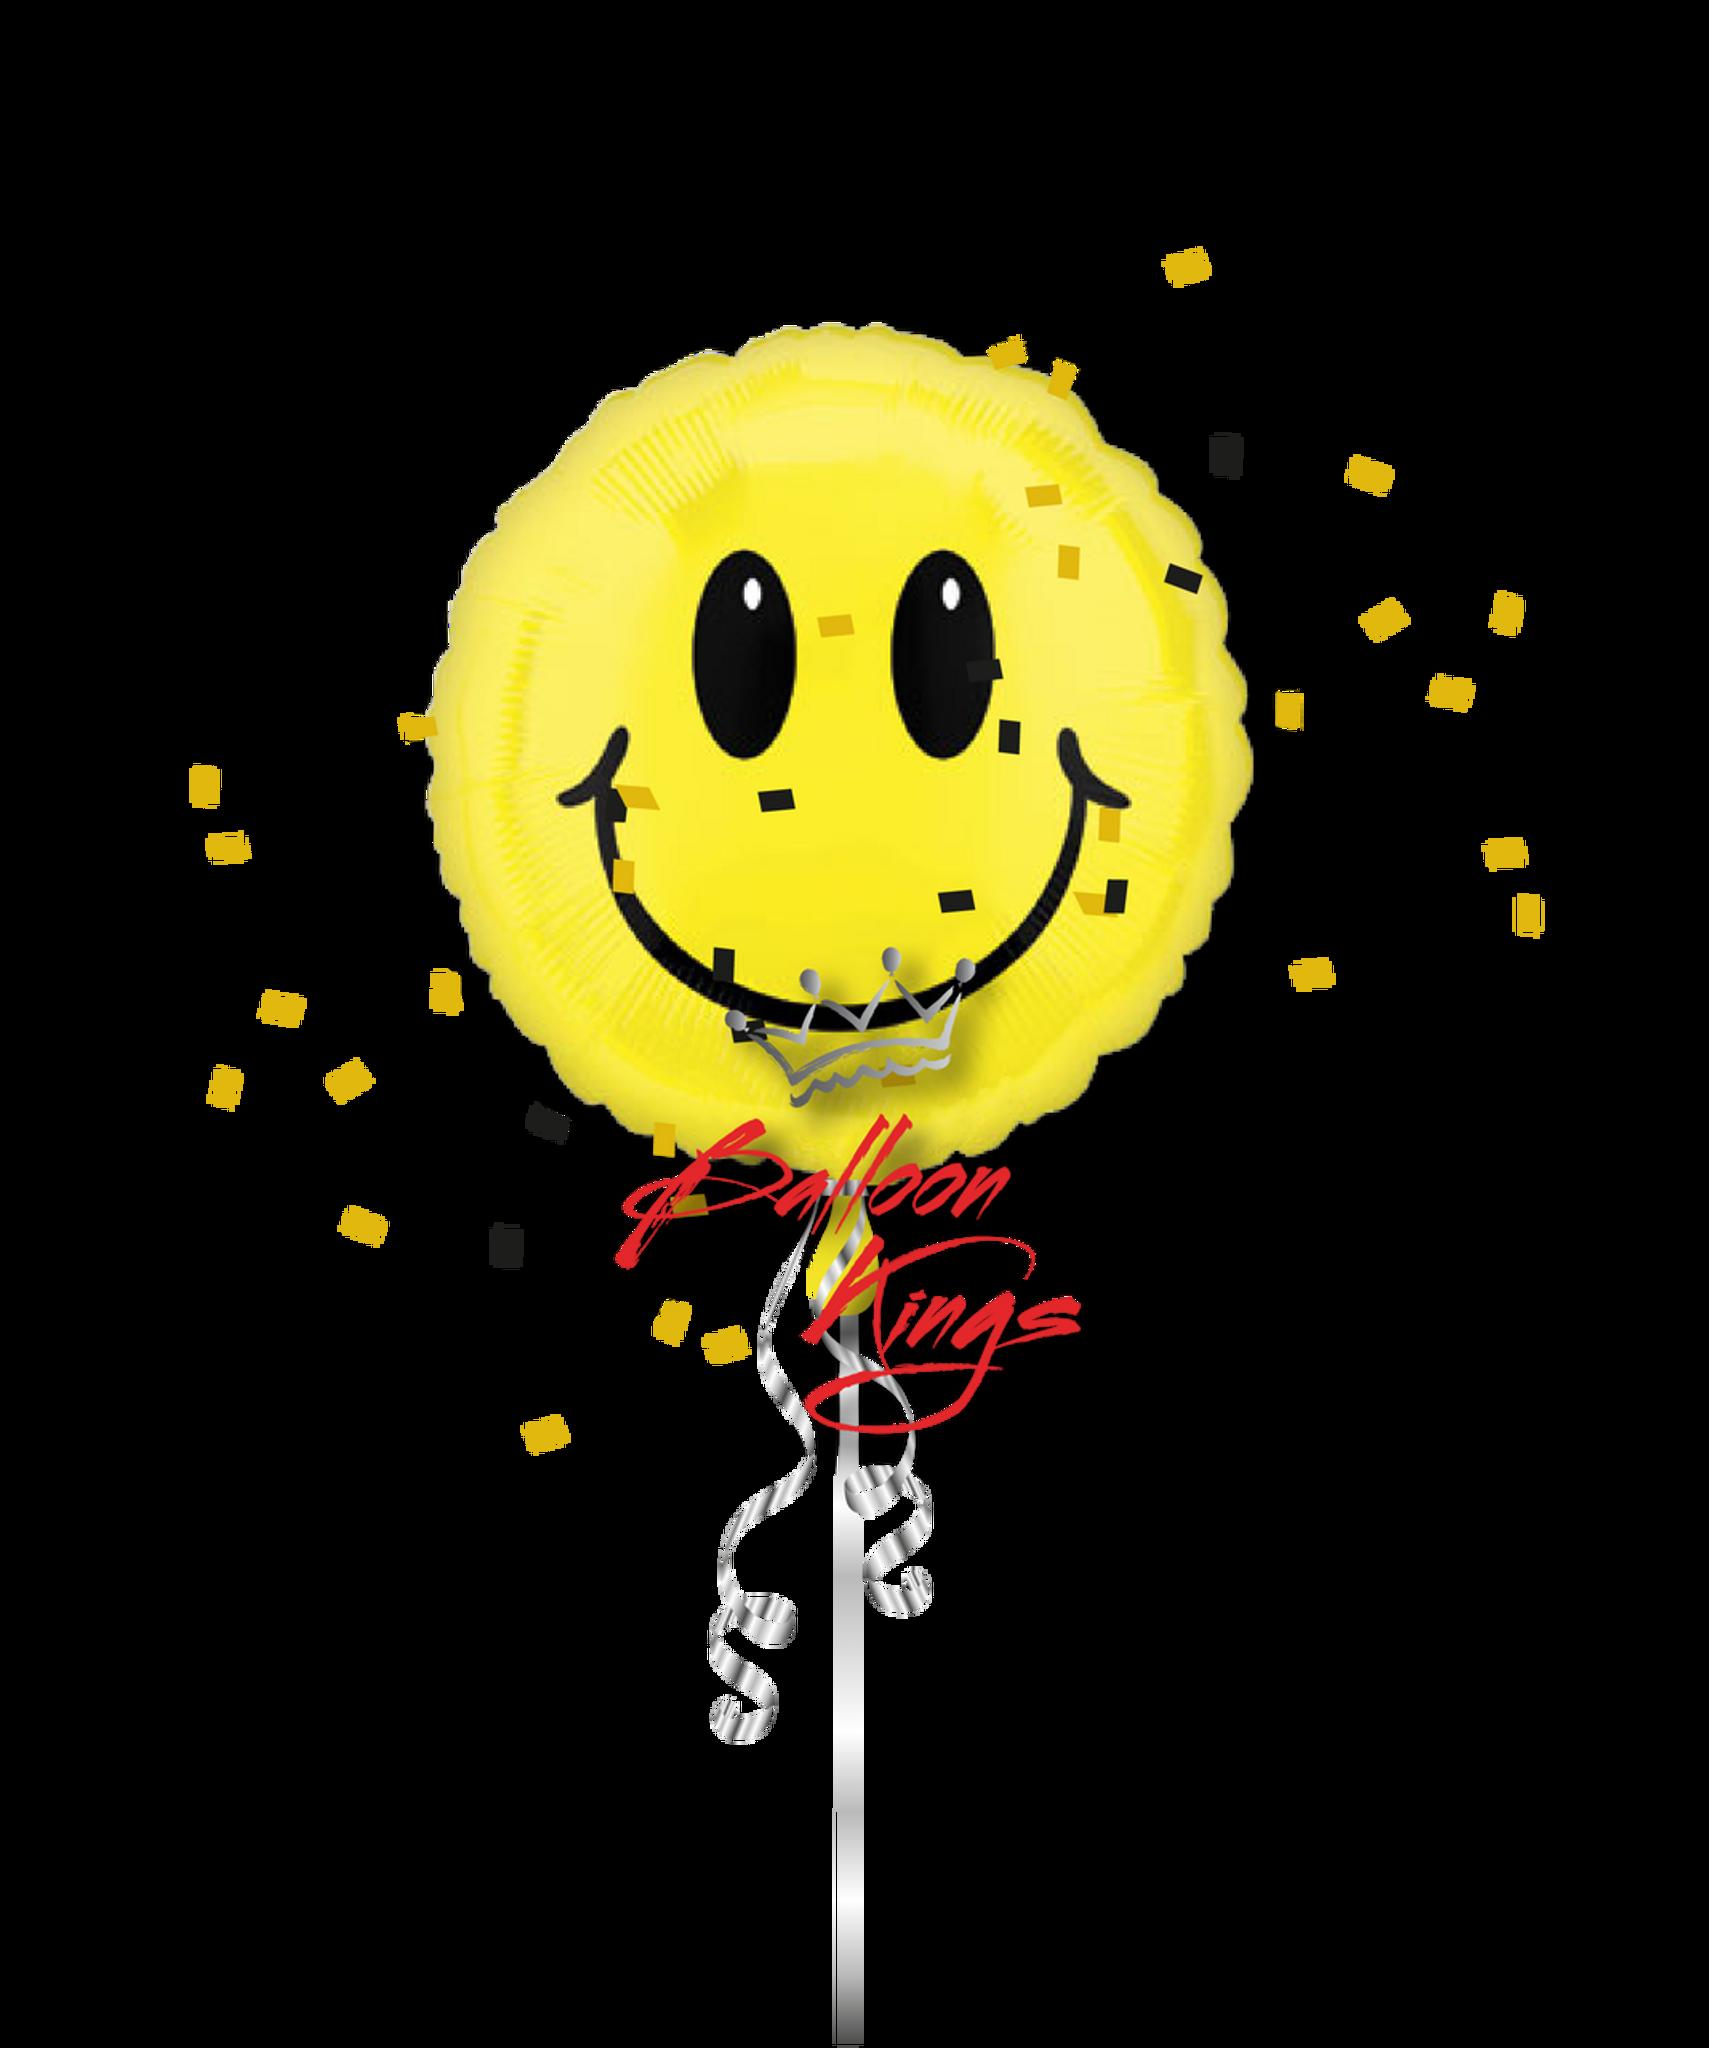 Smiley face d balloon kings smiley face d izmirmasajfo